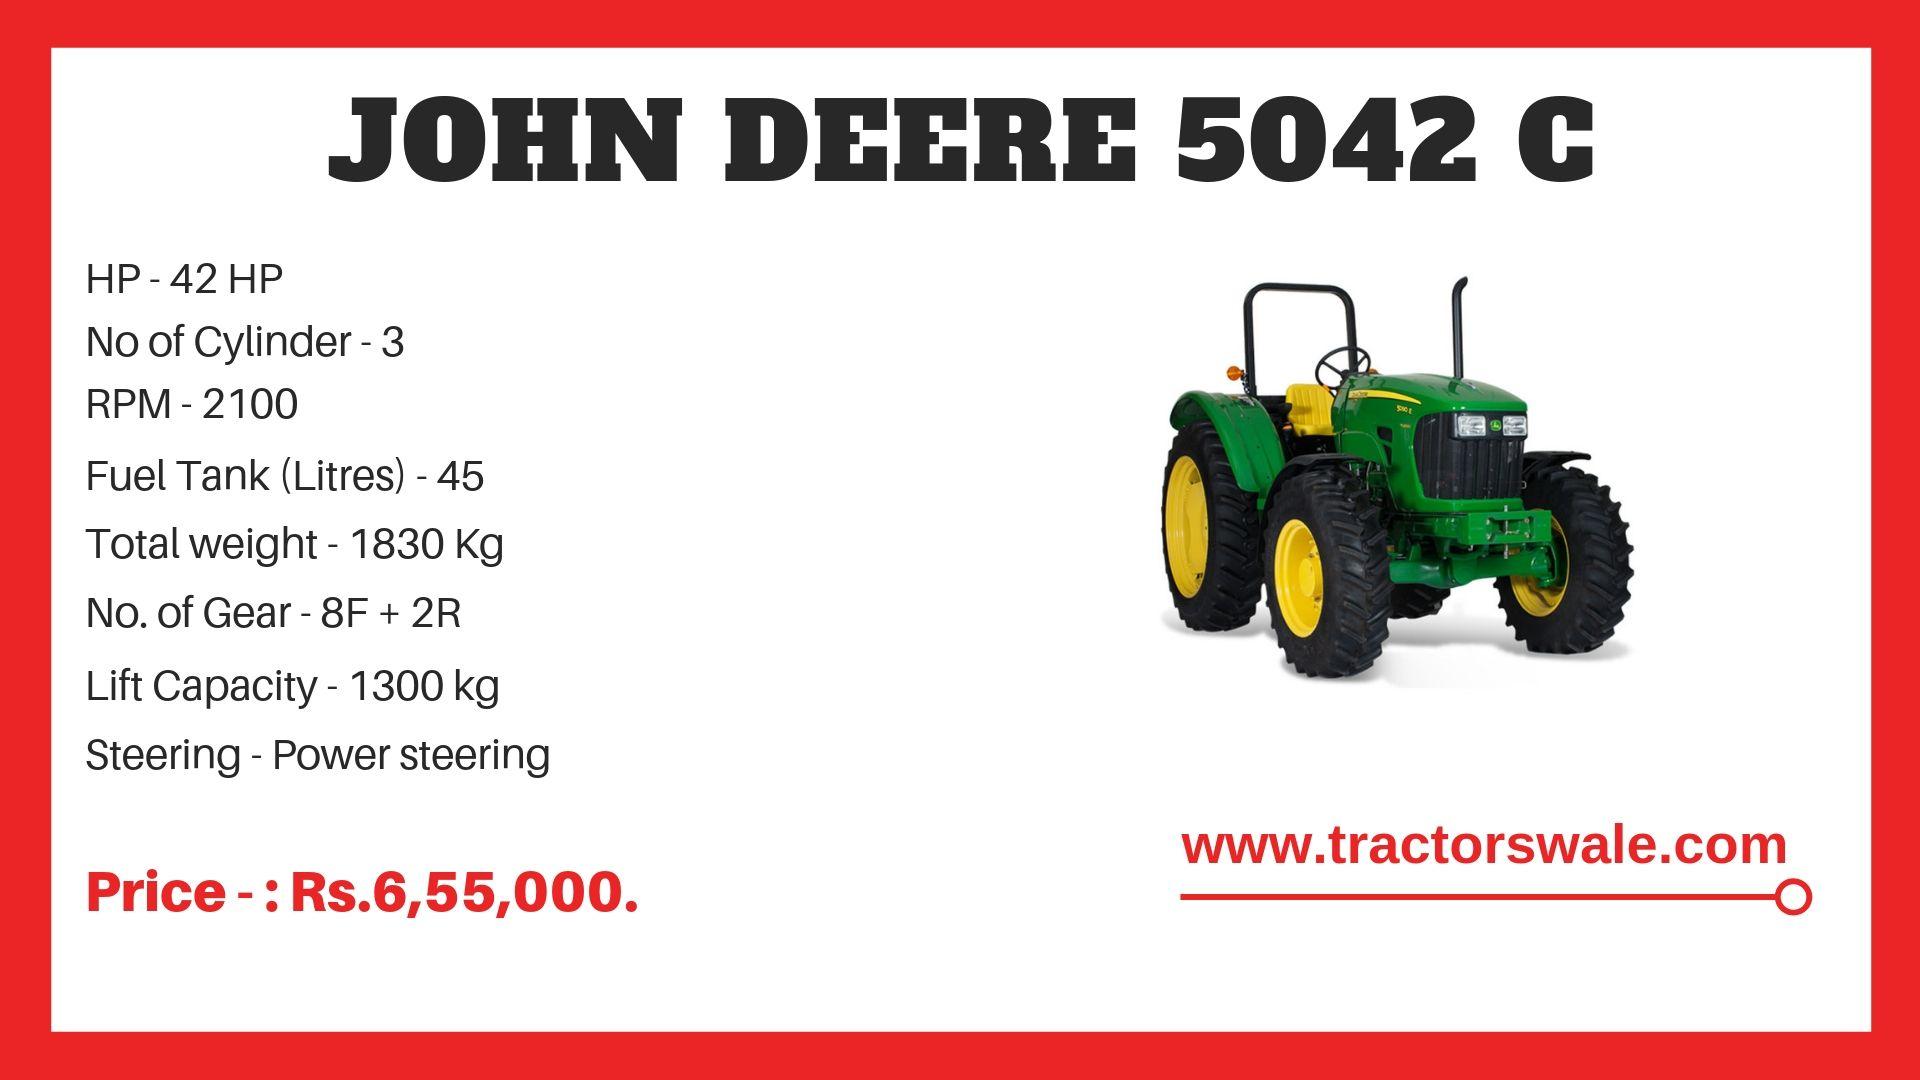 John Deere 5042 C Specifications